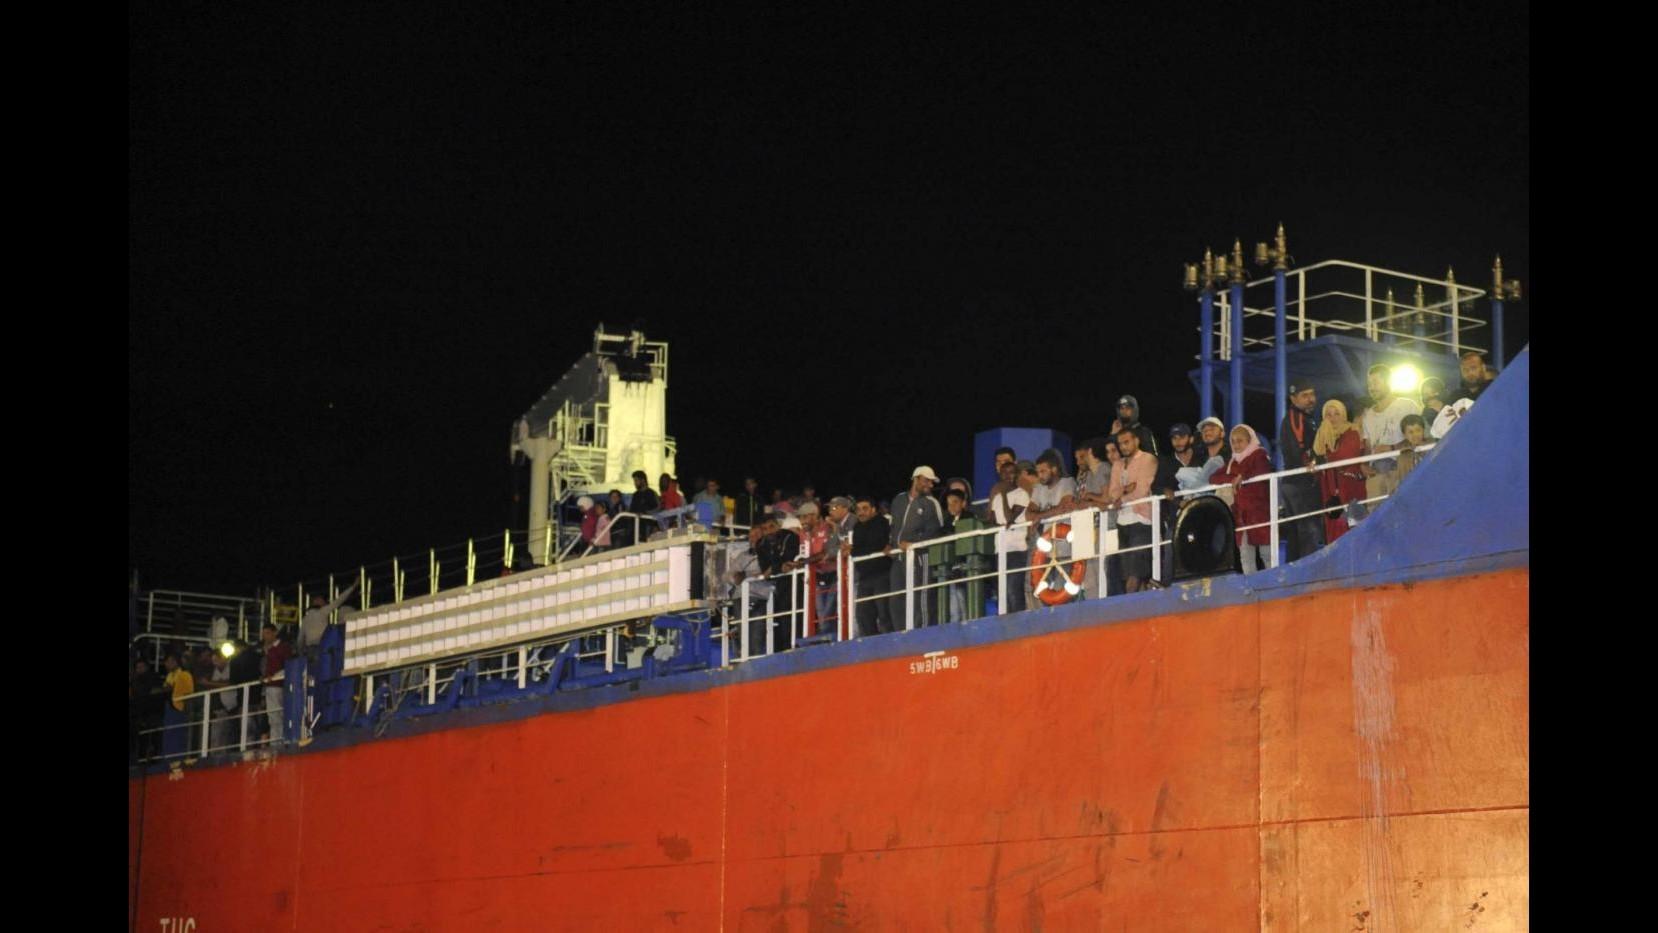 Immigrazione,Gb: Non sosterremo operazioni salvataggio in Mediterraneo